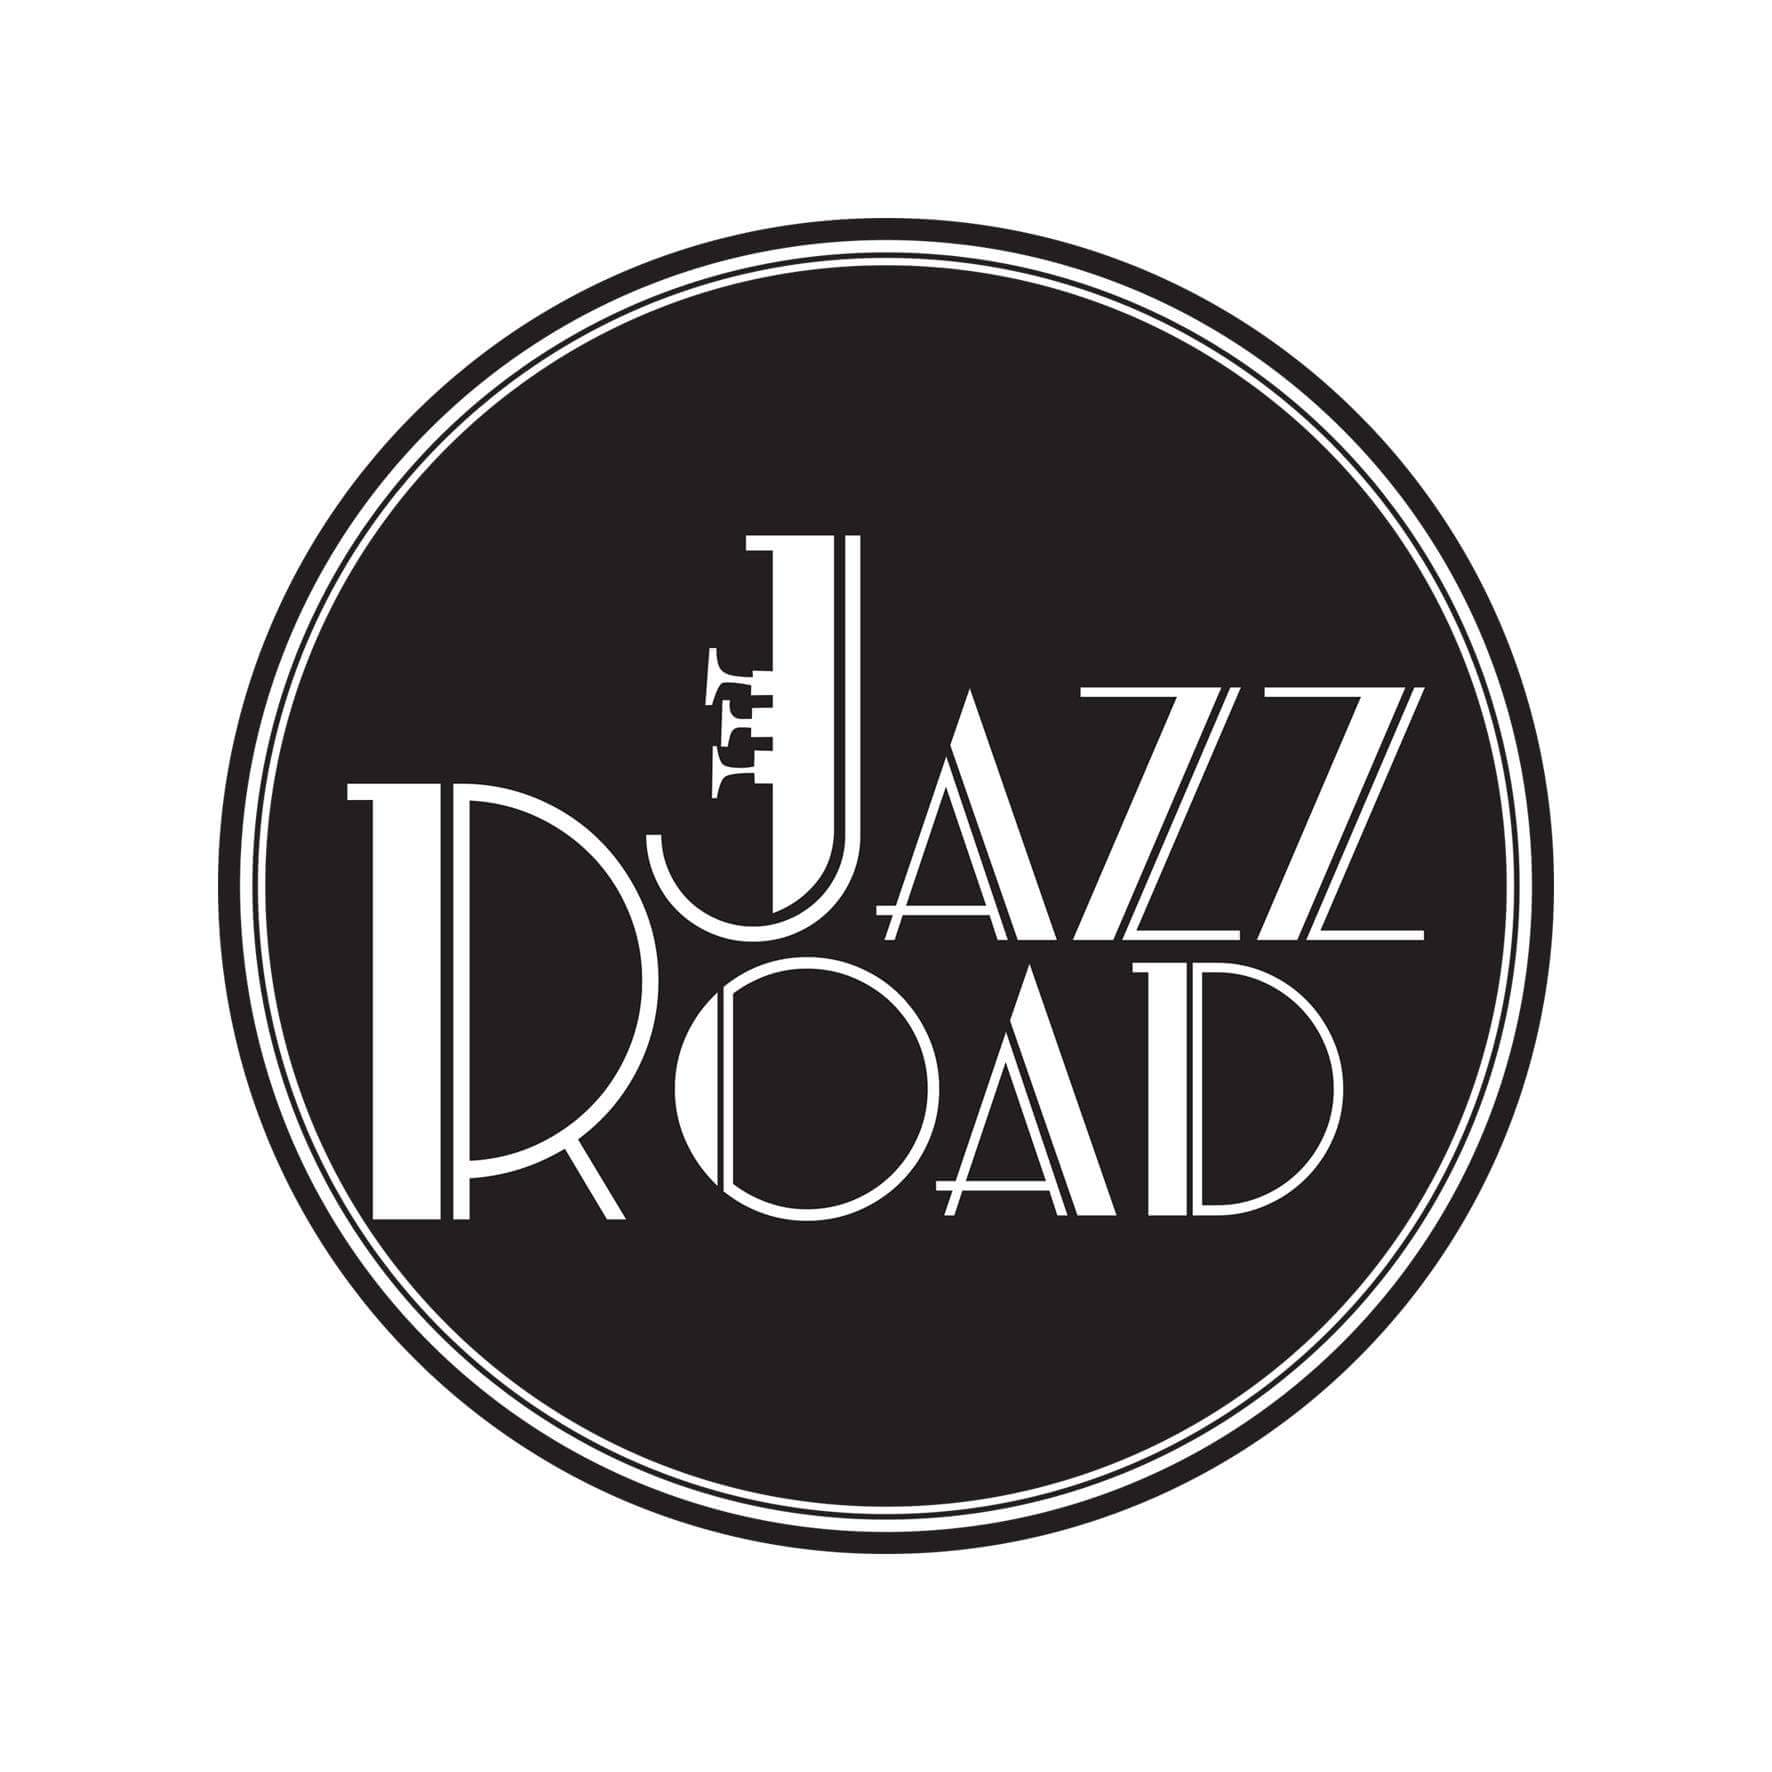 La moda maschile negli anni '20 Jazz Road Scuola di